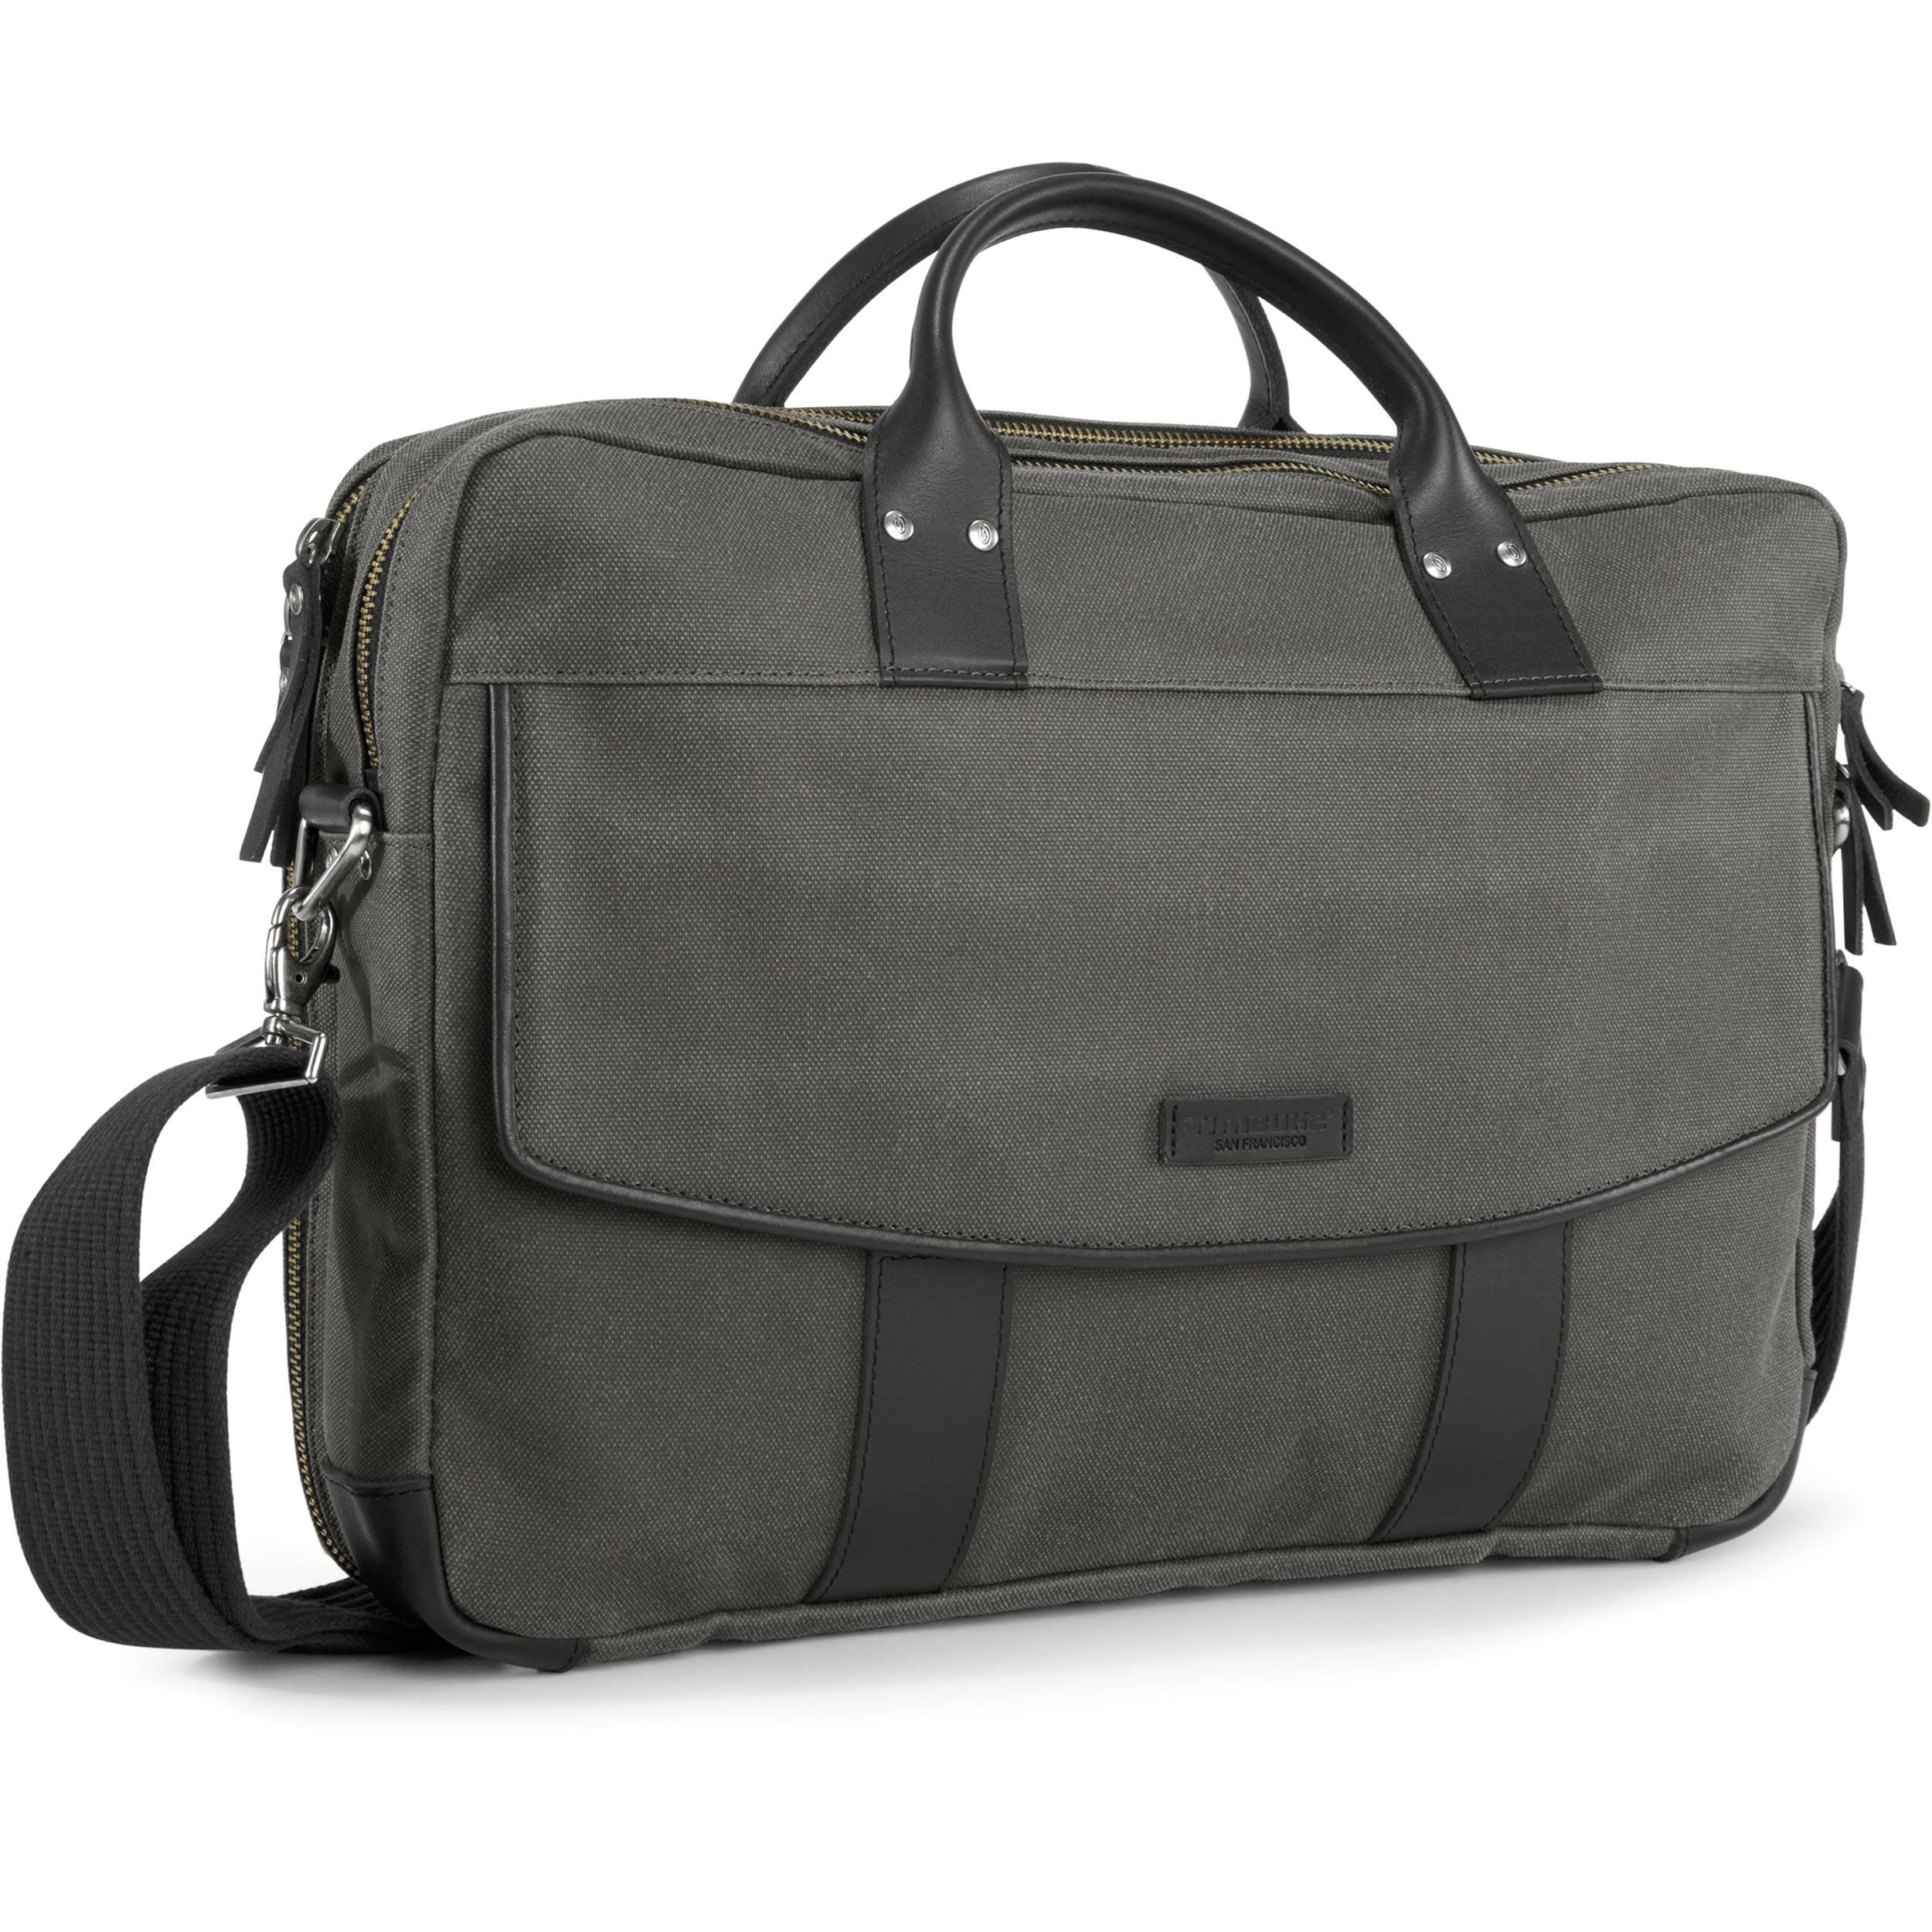 Majorca Expandable Laptop Bag - Levenger